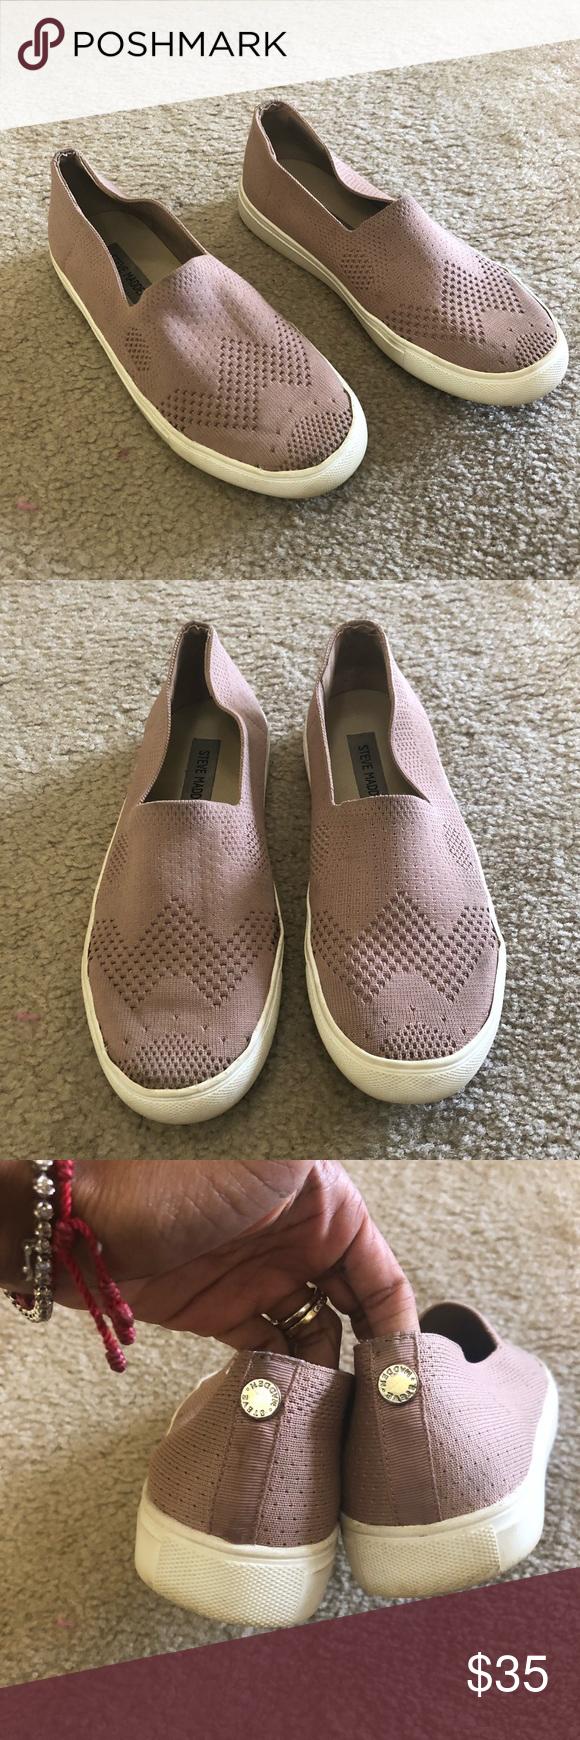 4211245e9e3 Steve Madden Frankel Slip On Sneakers Preowned Steve Madden Frankel Slip On  Sneakers Size  7.5 Color  rose blush color Steve Madden Shoes Sneakers